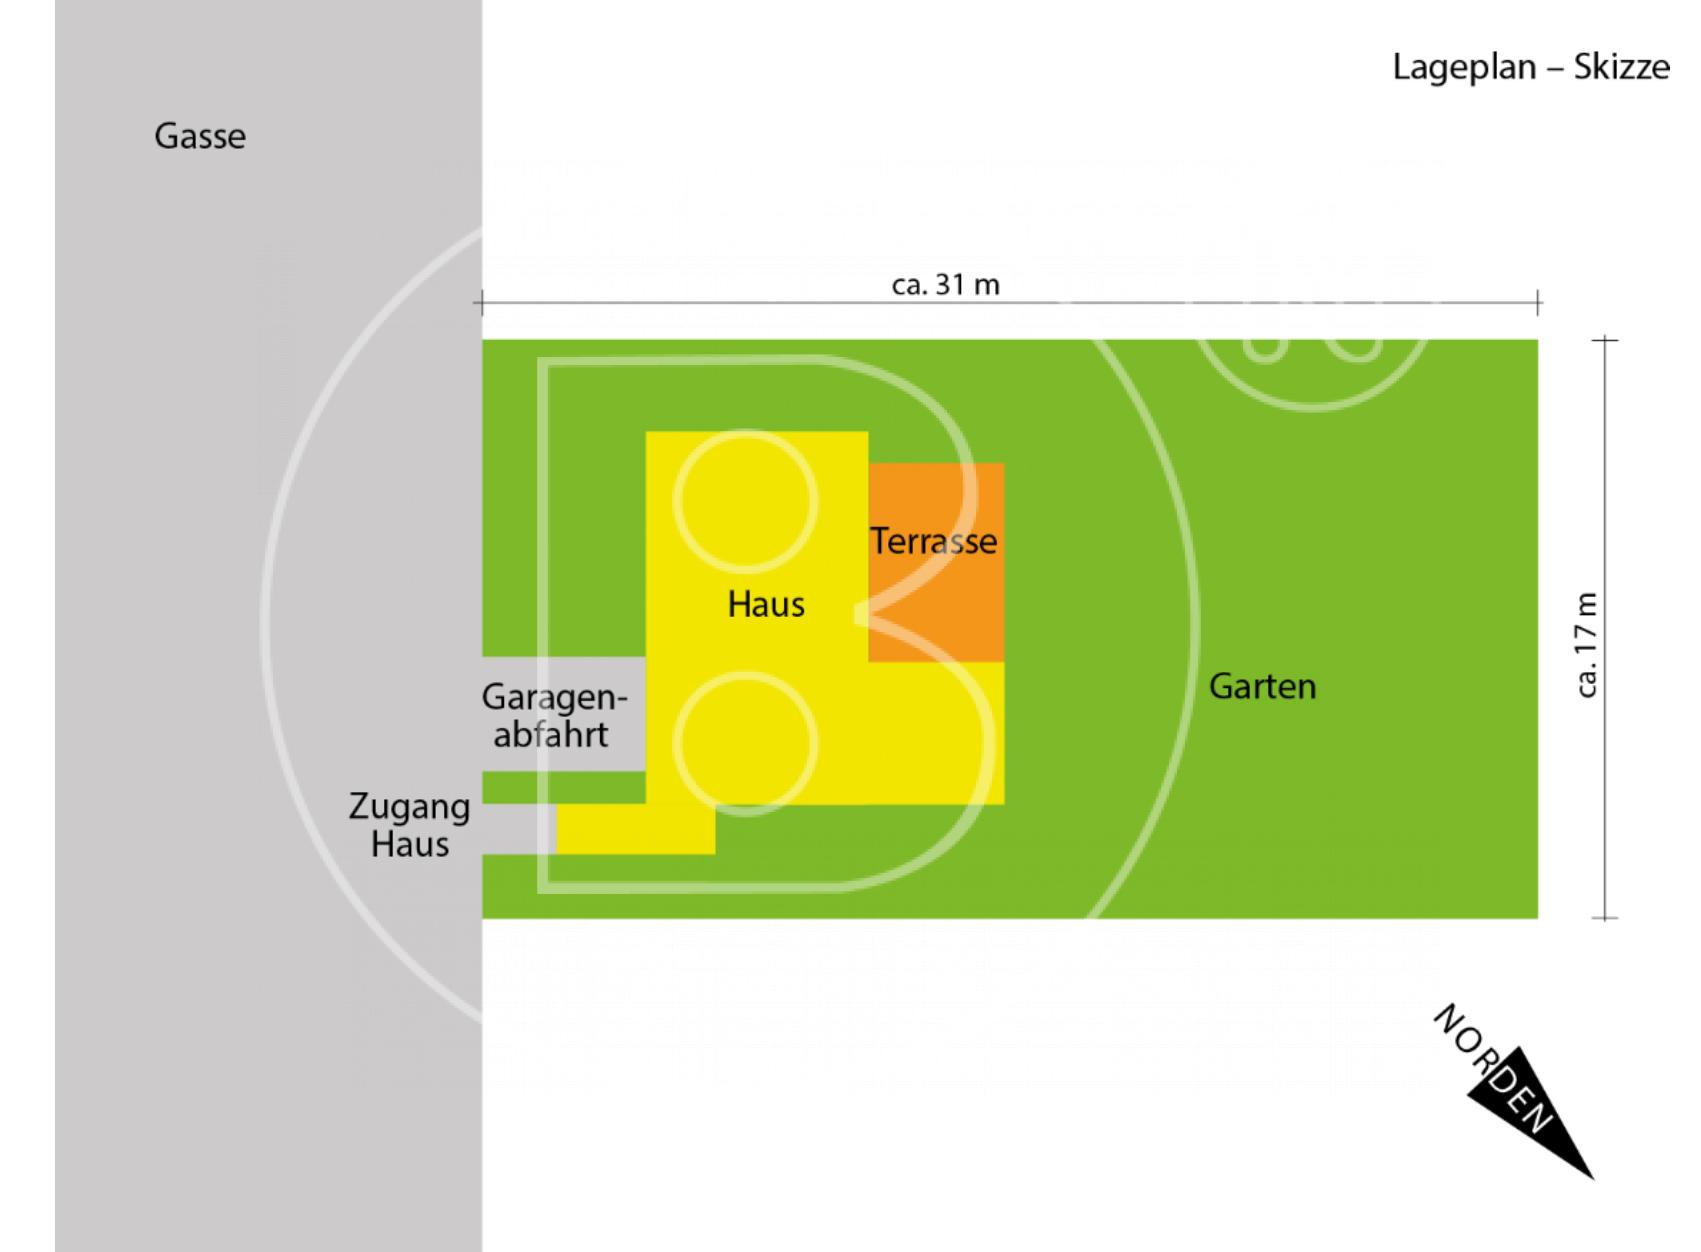 Lageplan - Skizze - Wunderbares Grundstück - Haus sanierungsbedürftig